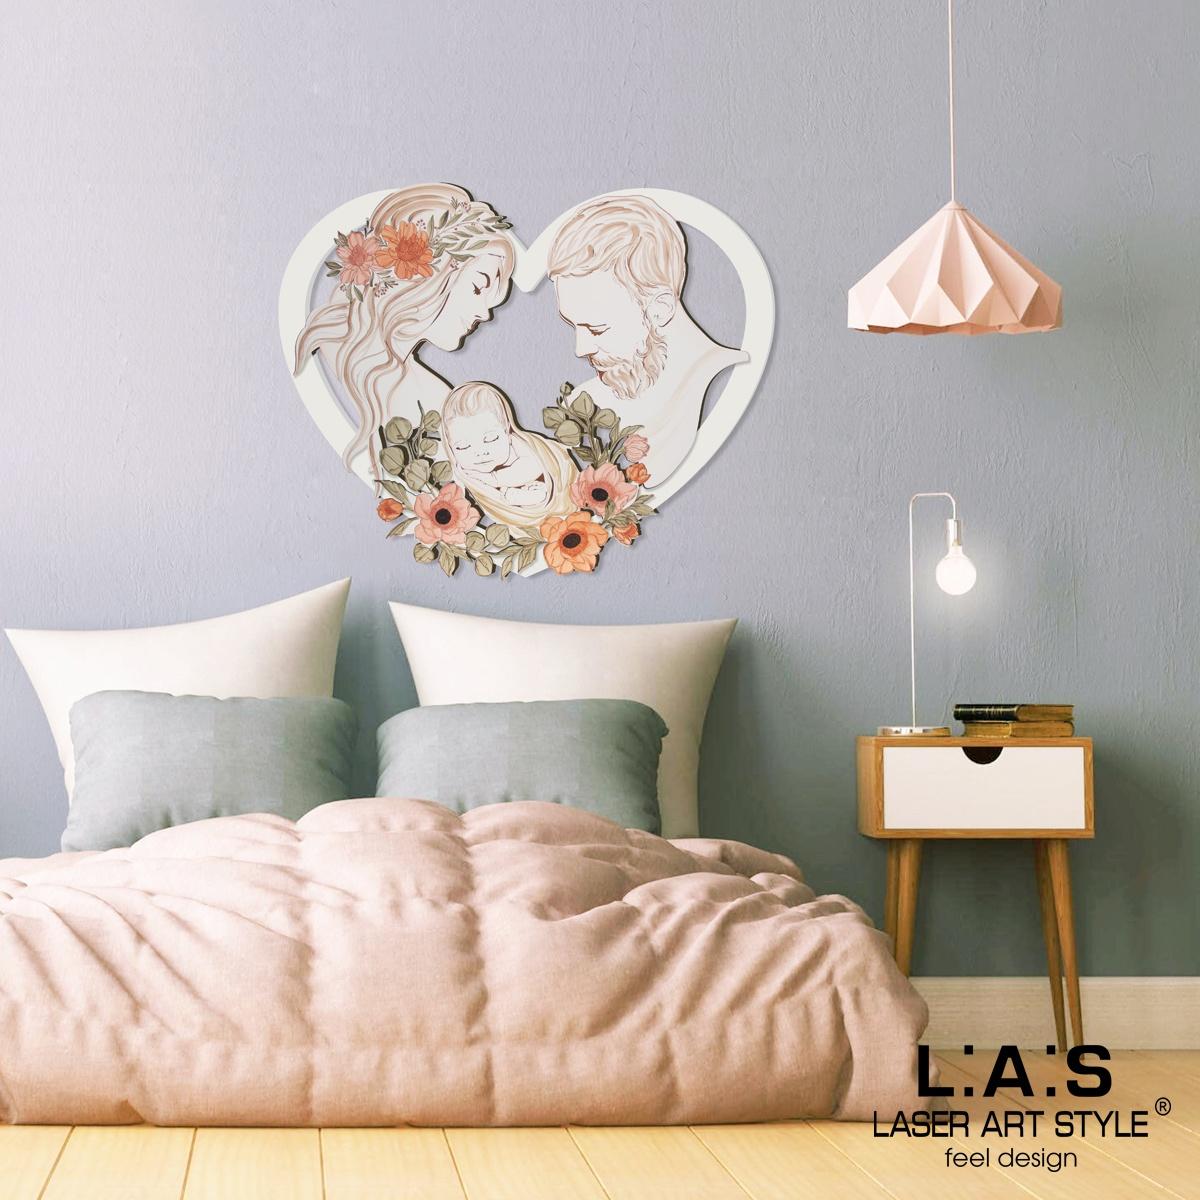 L:A:S - Laser Art Style - CAPEZZALE MODERNO – SACRA FAMIGLIA SI-527 PANNA – DECORO TONI CALDI